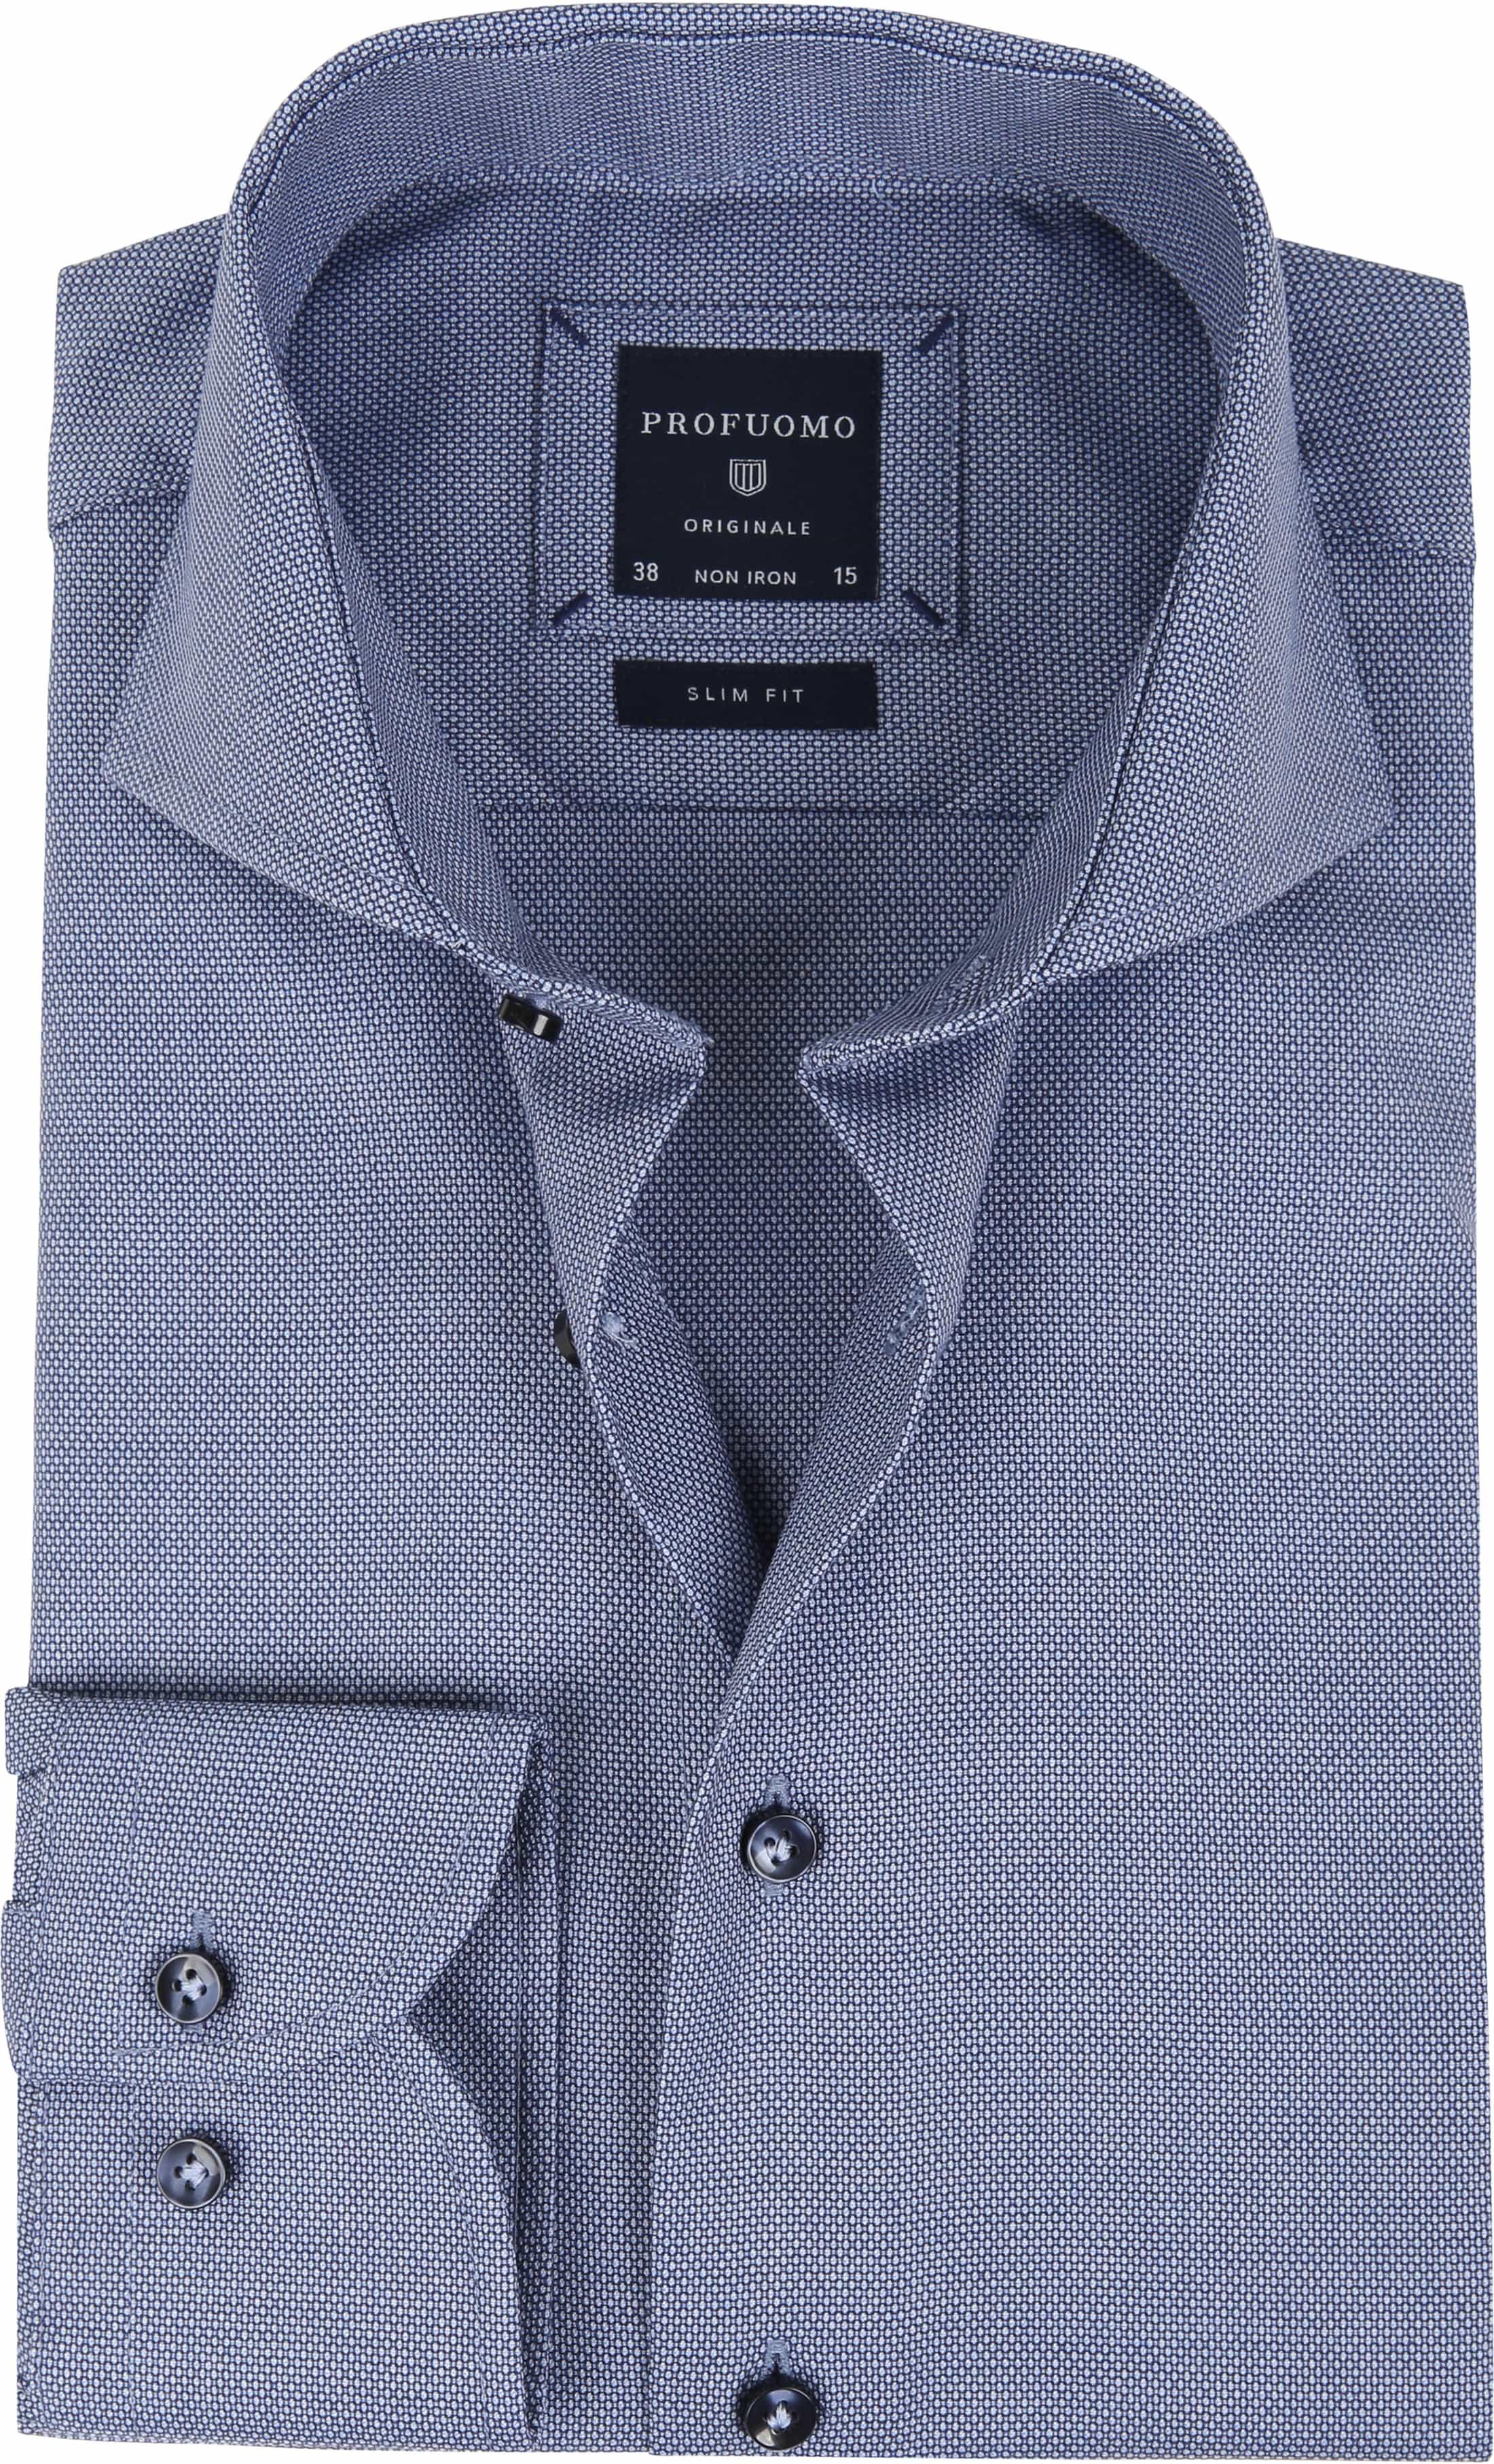 Profuomo Overhemd Blauw SF Dessin foto 0